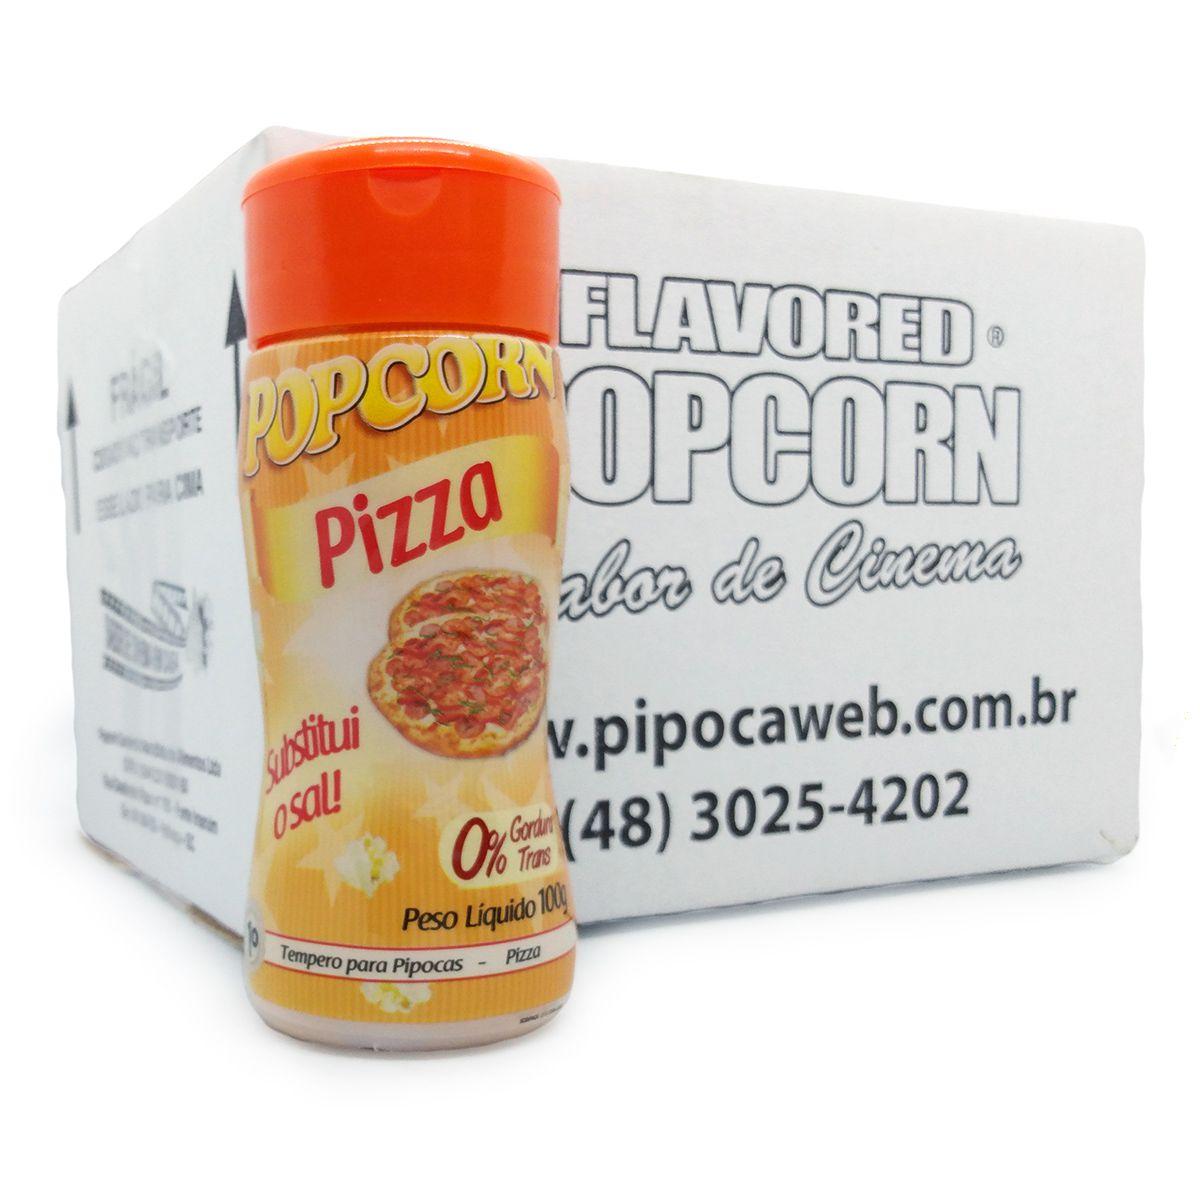 TEMPEROS P/ PIPOCA - SABOR PIZZA 100g (12 unidades)